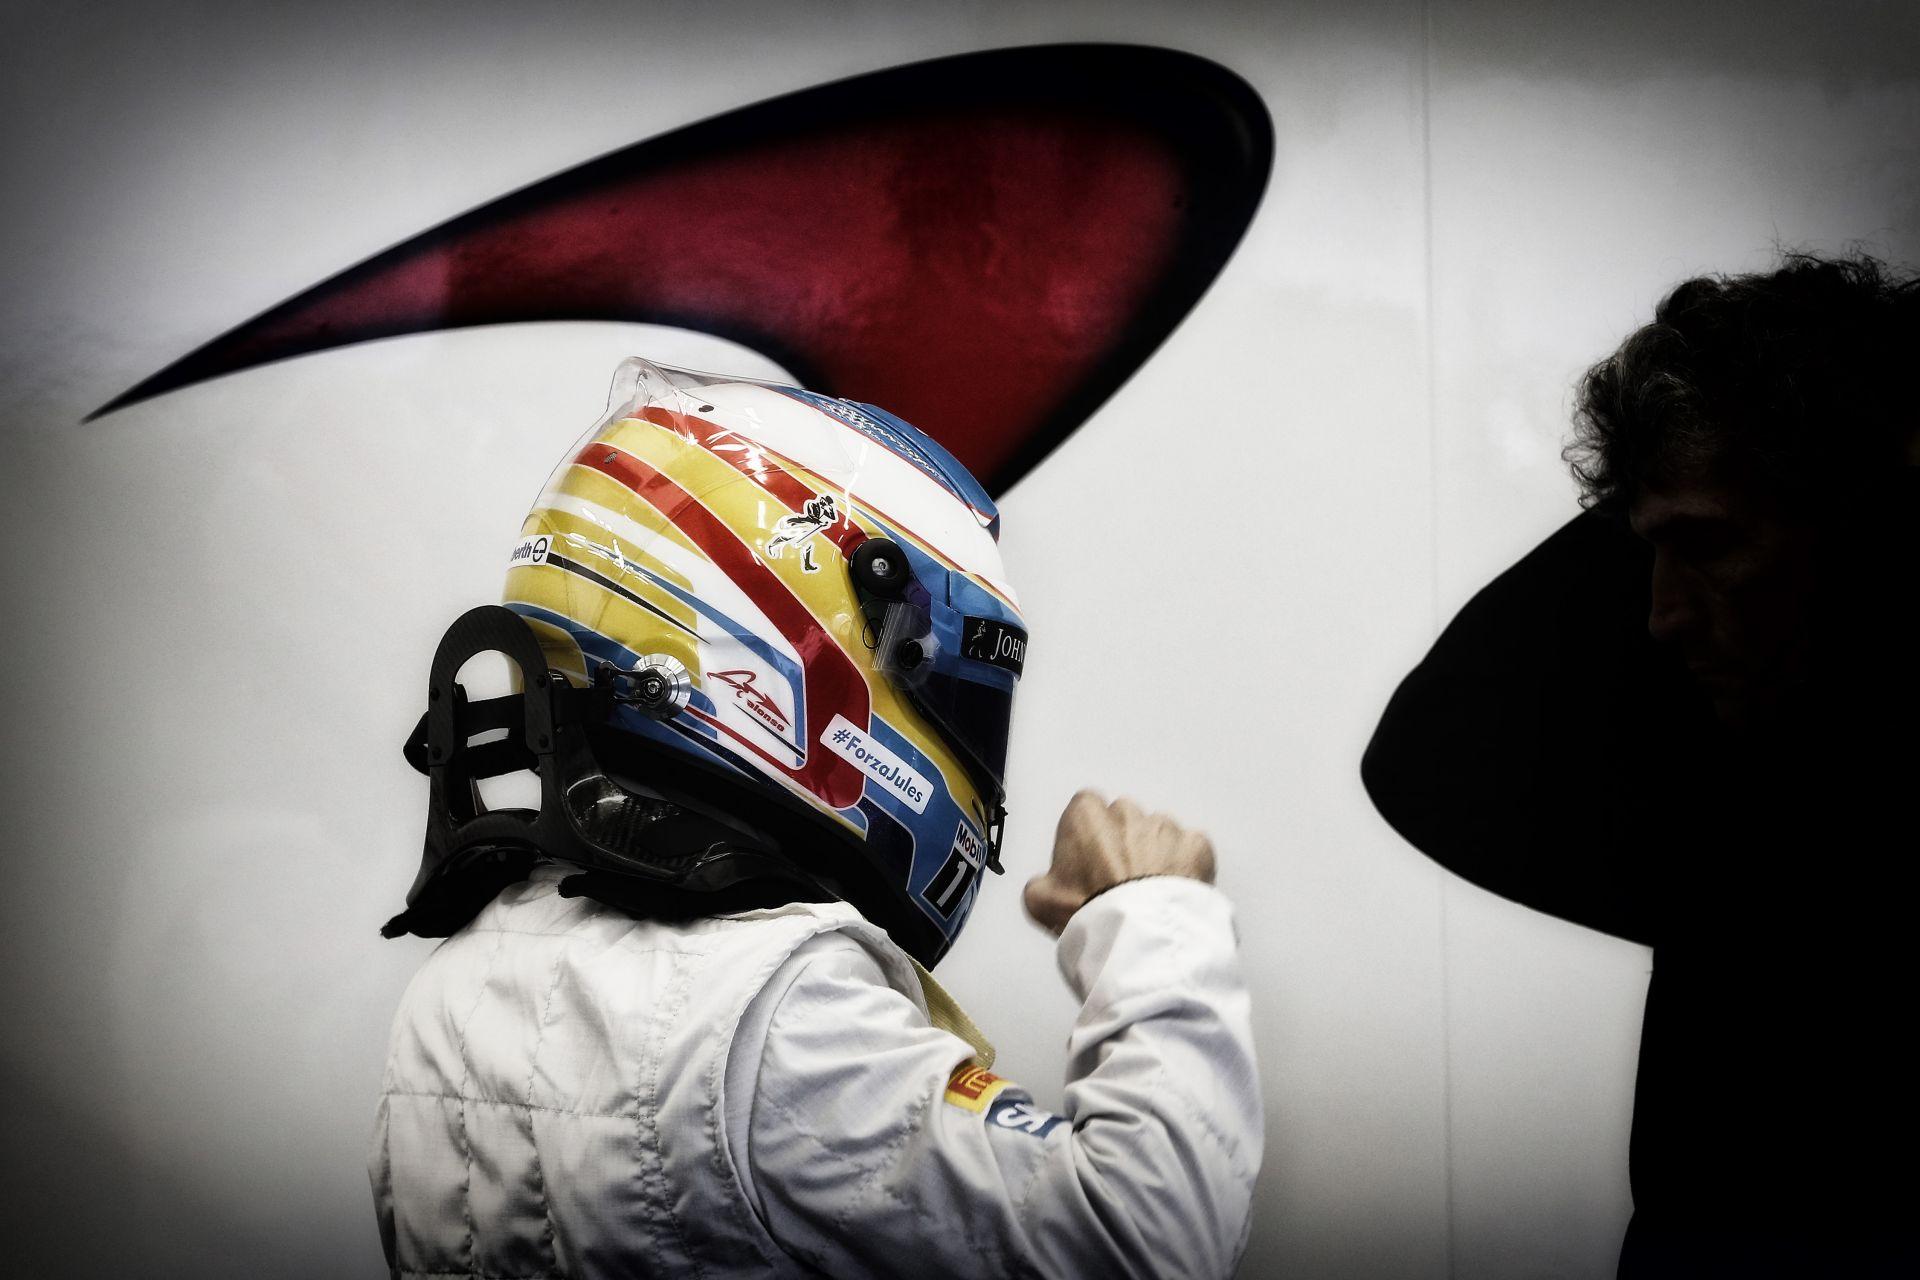 Hivatalos: Alonso elhagyta a kórházat, a saját lában!